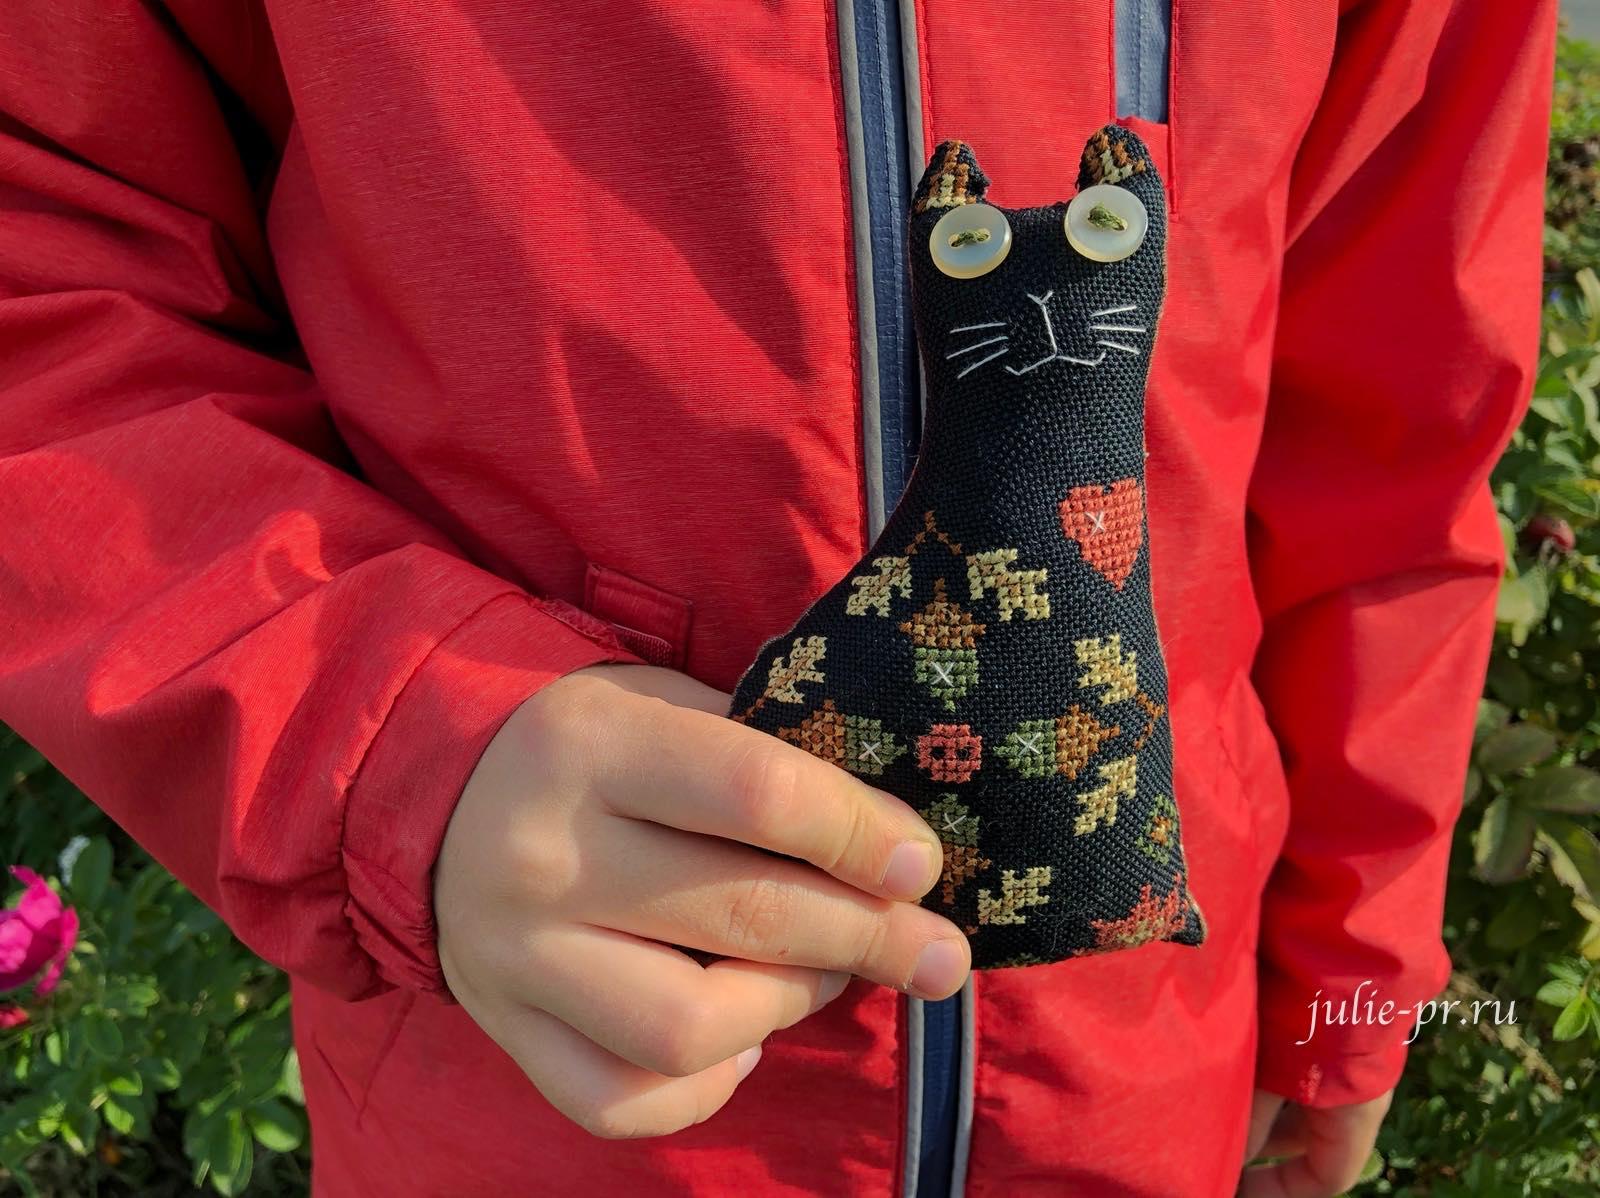 вышивка крестом, Autumn cat, Осенний кот, Евдокия Николаевой (Punochka Stitch), журнал Just CrossStitch за октябрь 2019, осень, Австрийская равномерка Ubelhor Monika 28